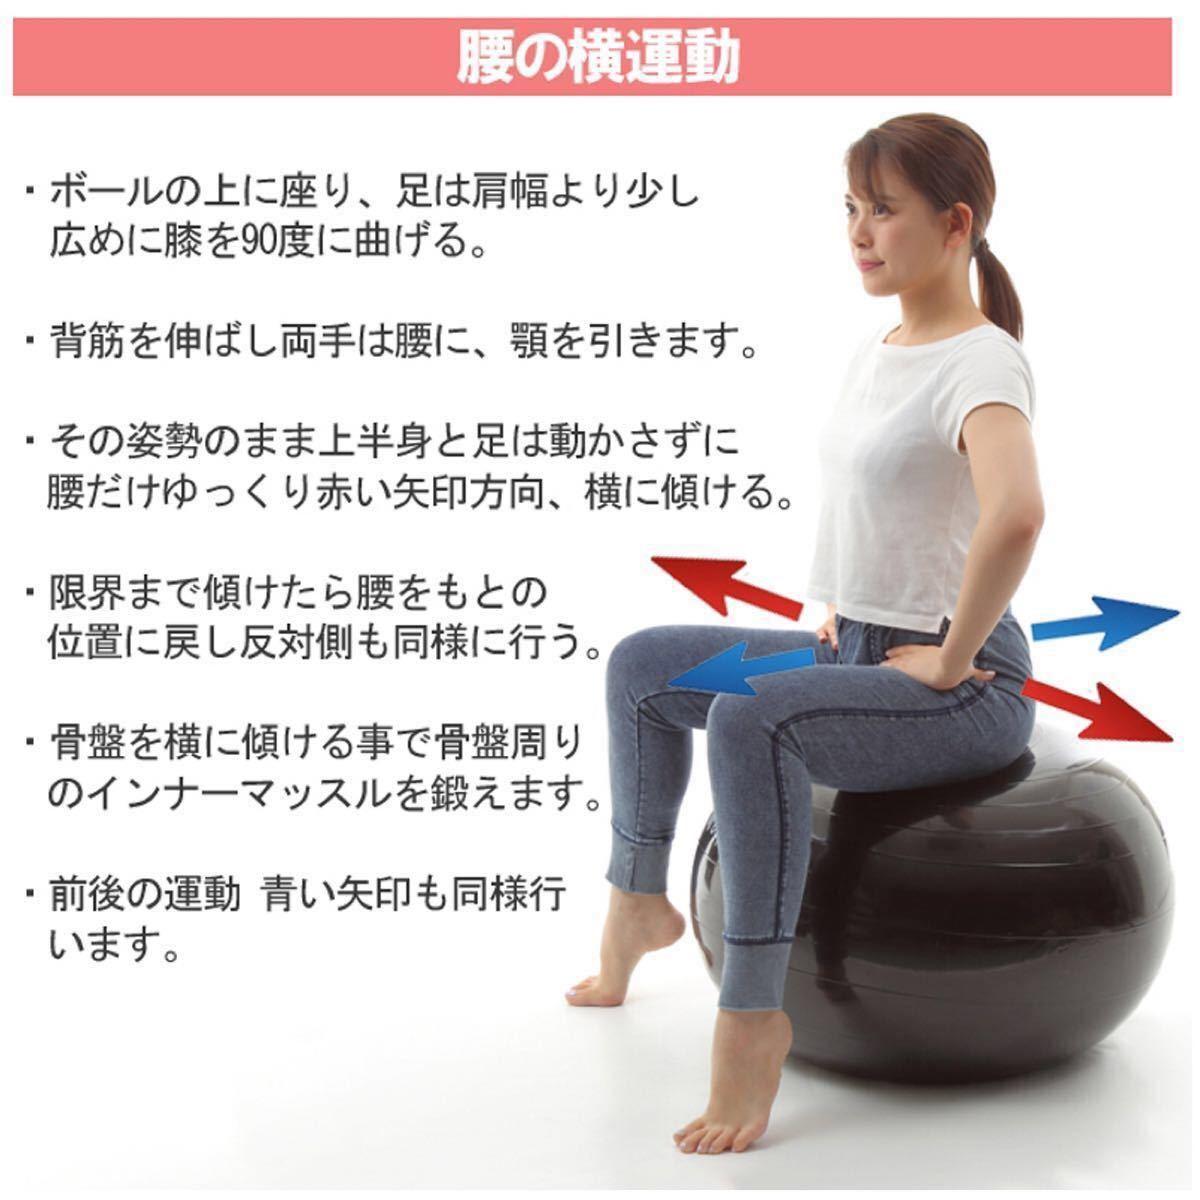 バランスボール 65cm エクササイズ ヨガ フィットネスボール 体幹トレーニング